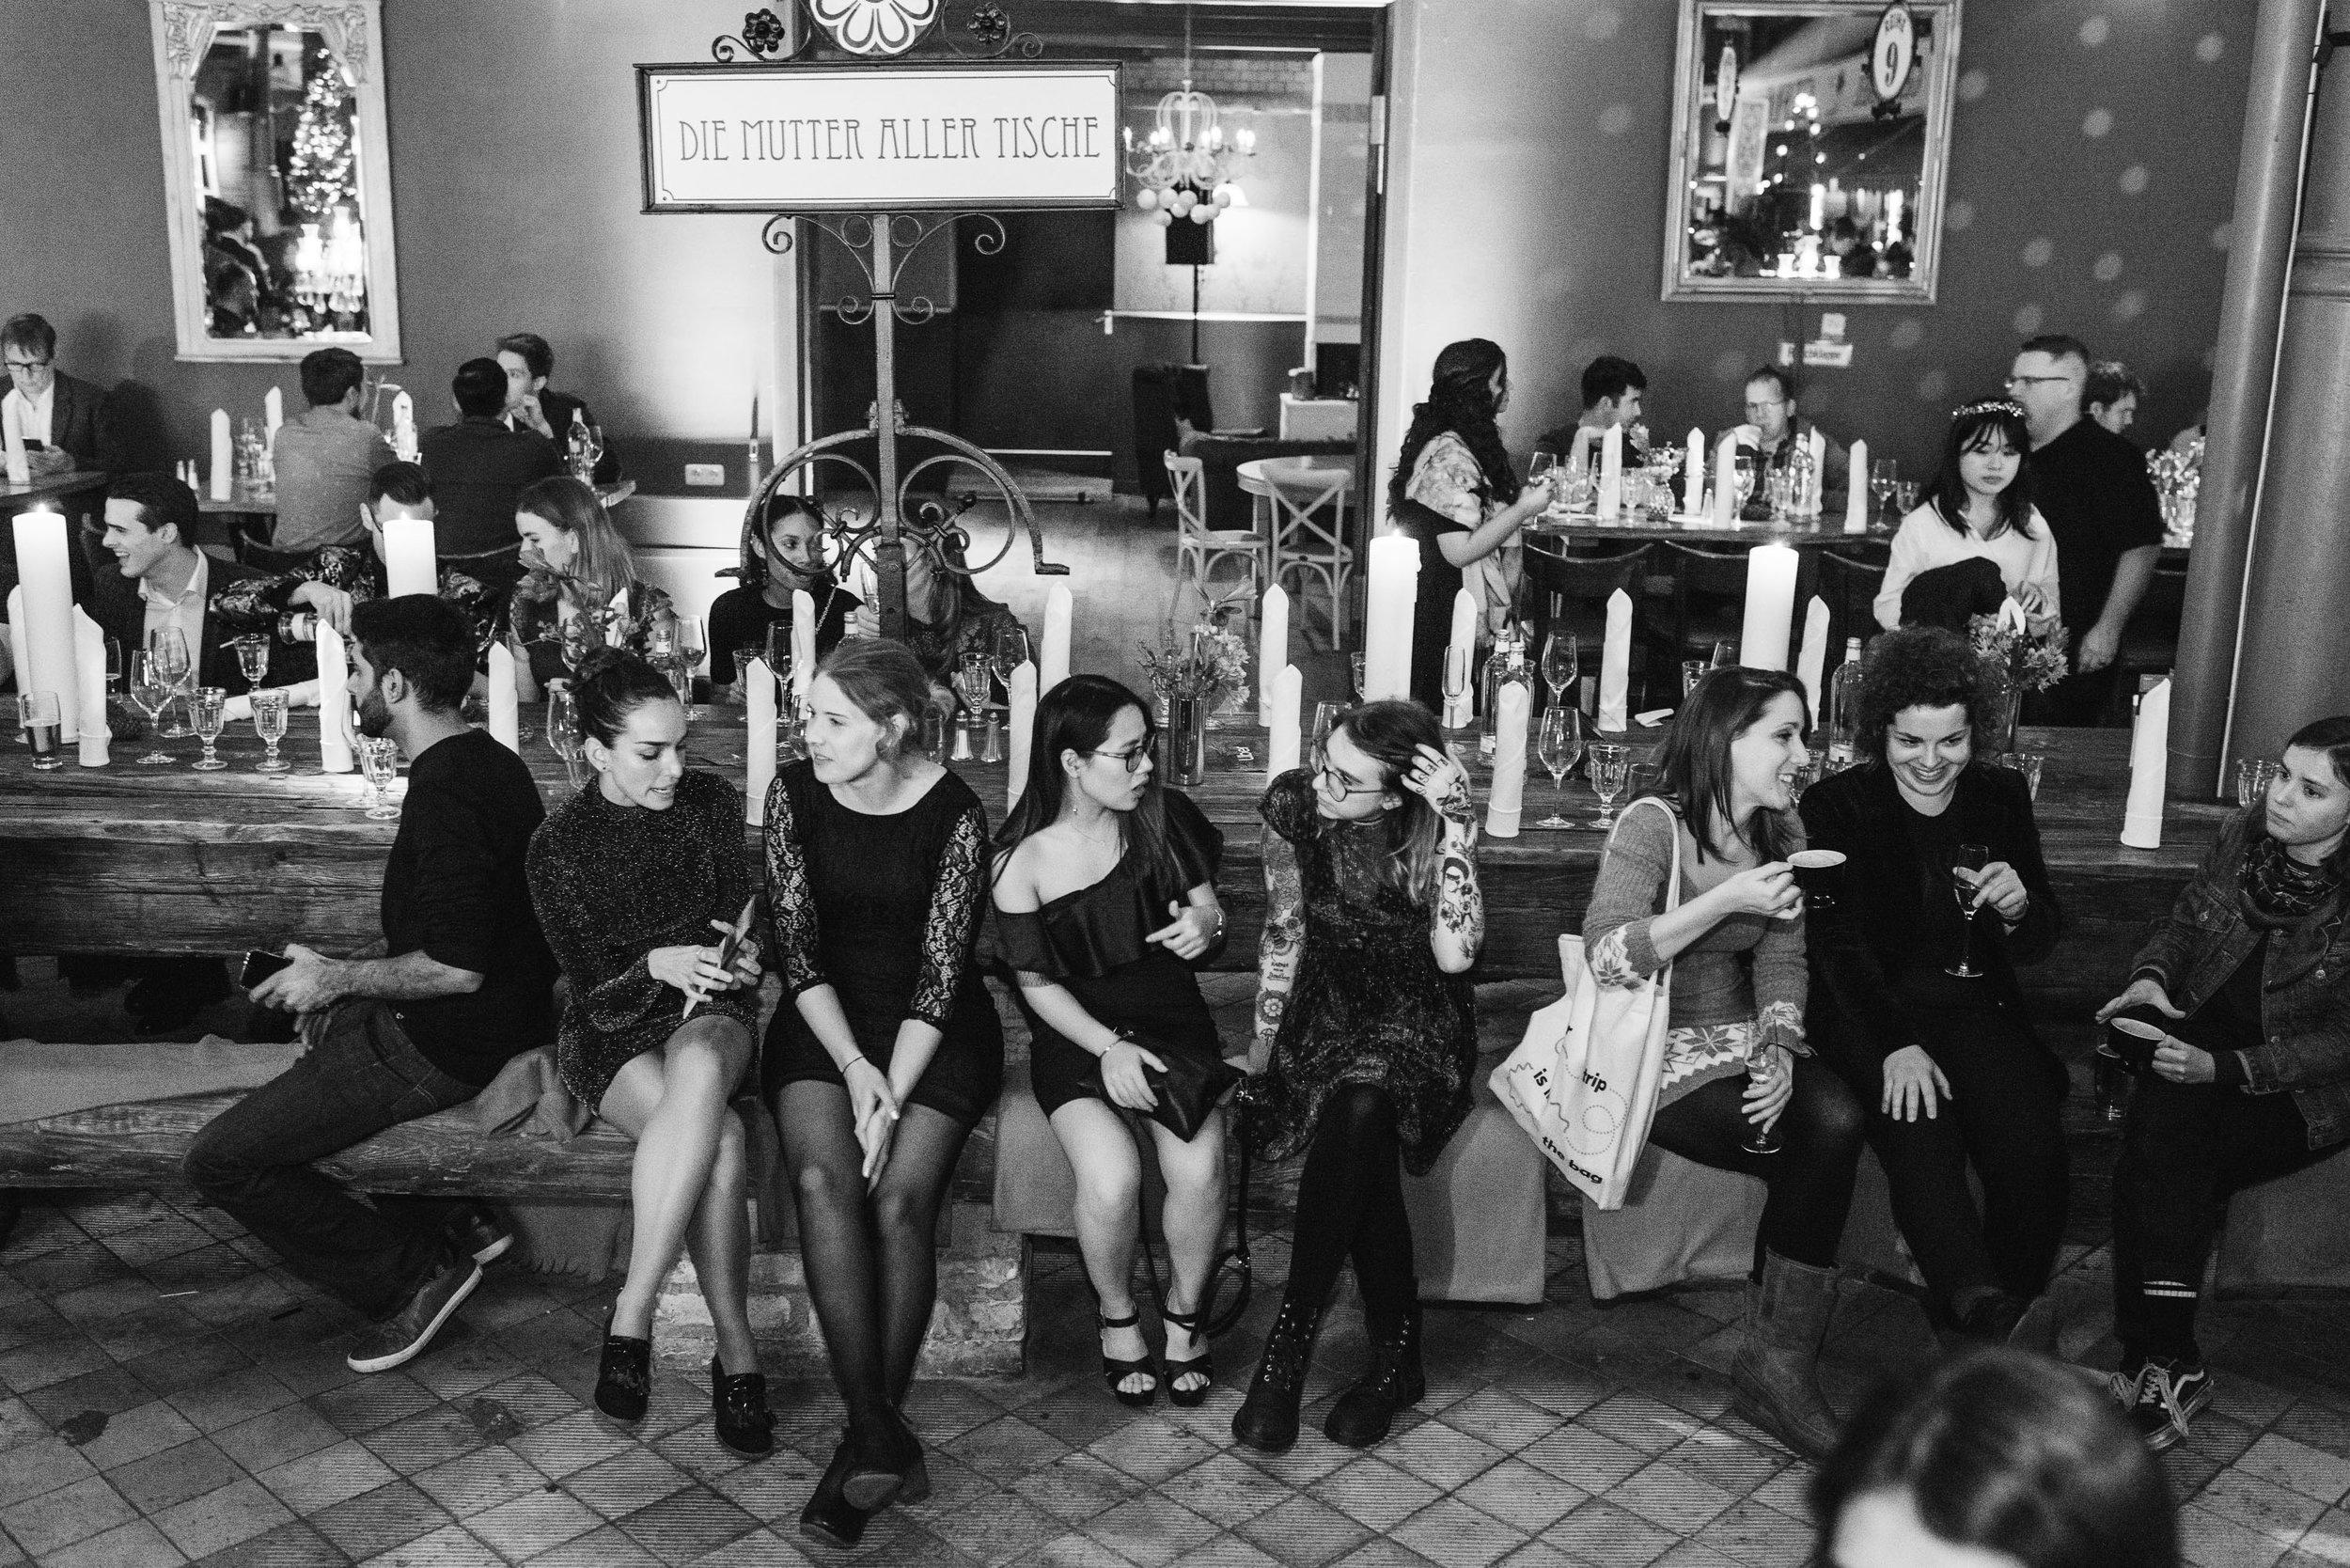 Tilman-Vogler-Fotografie-GYG-Christmas-Party-2018-100.jpg